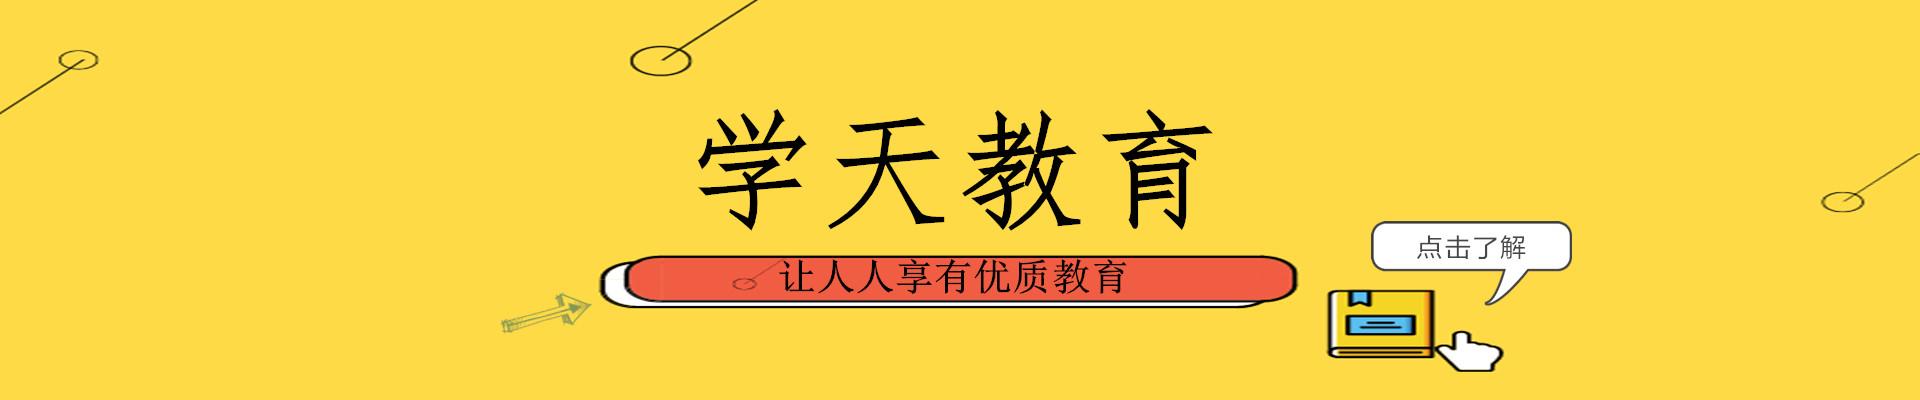 天津市河东区学天教育培训